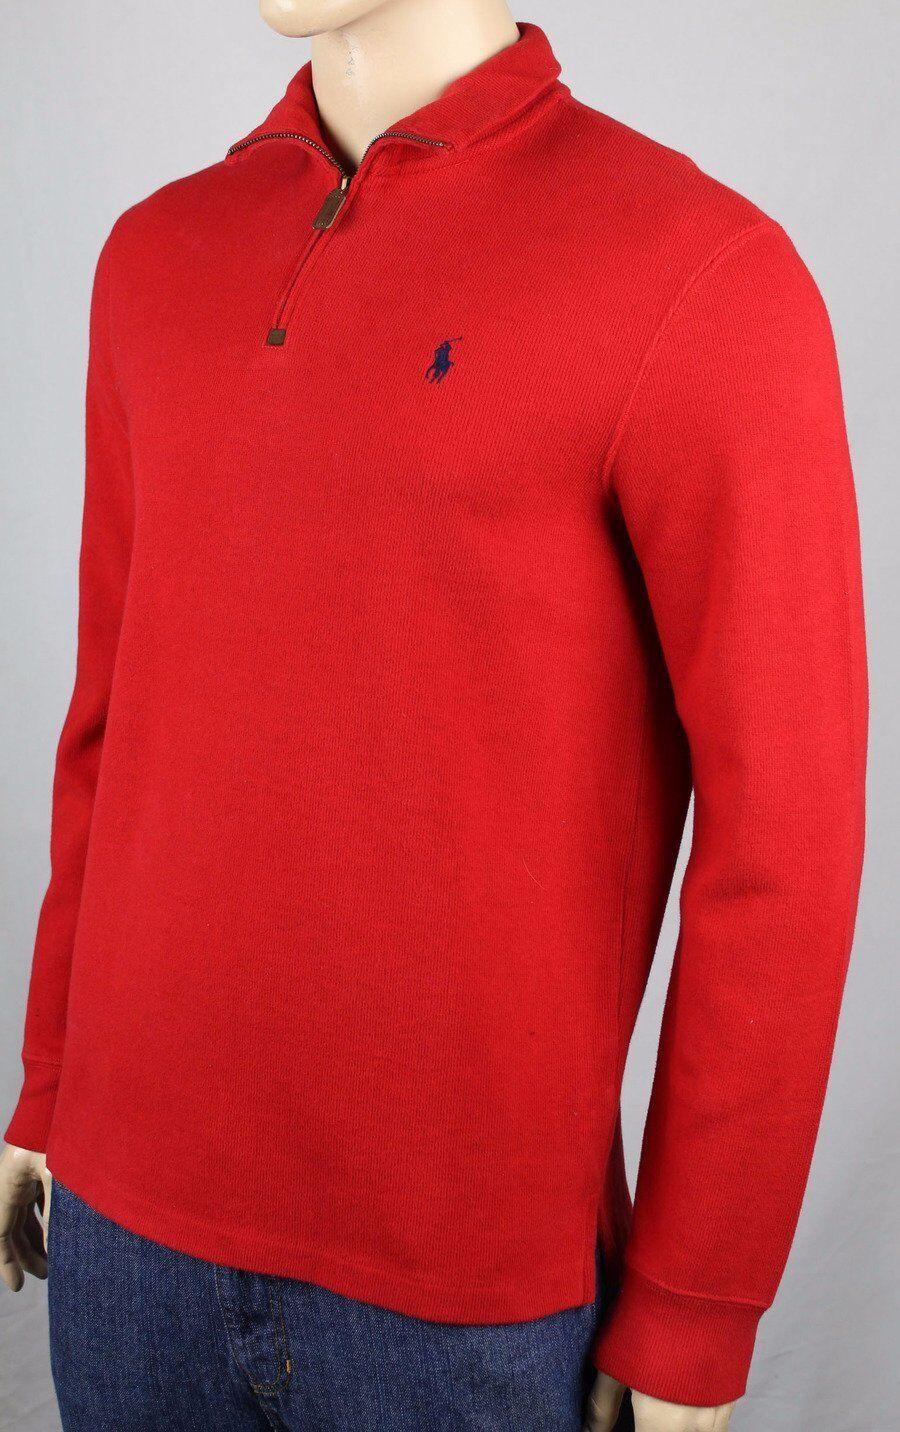 Polo Ralph Lauren Red 1 2 Half Zip Sweater bluee Pony NWT